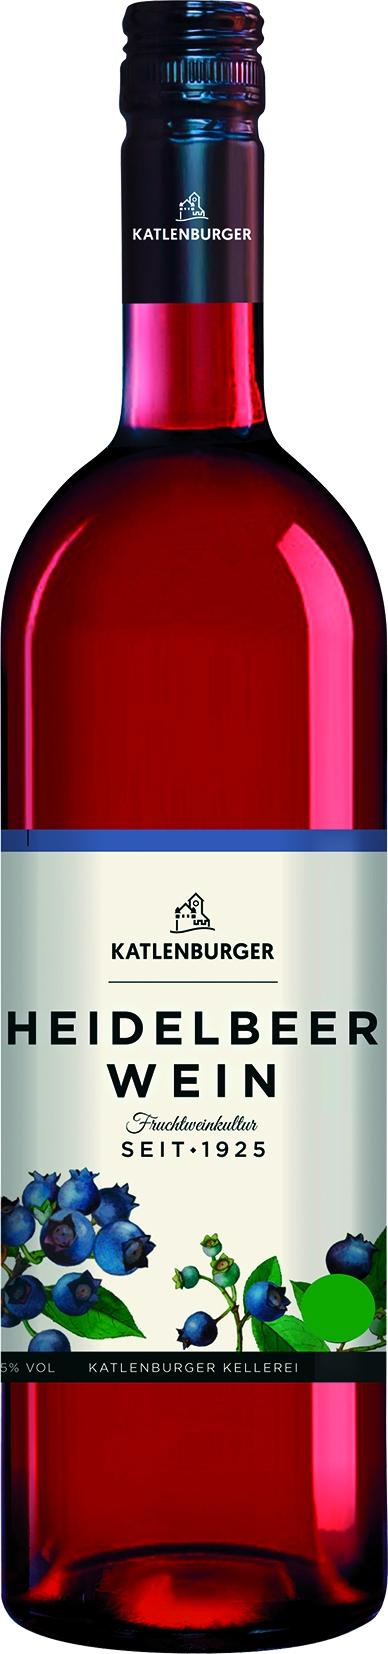 Katlenburger Heidelbeerwein